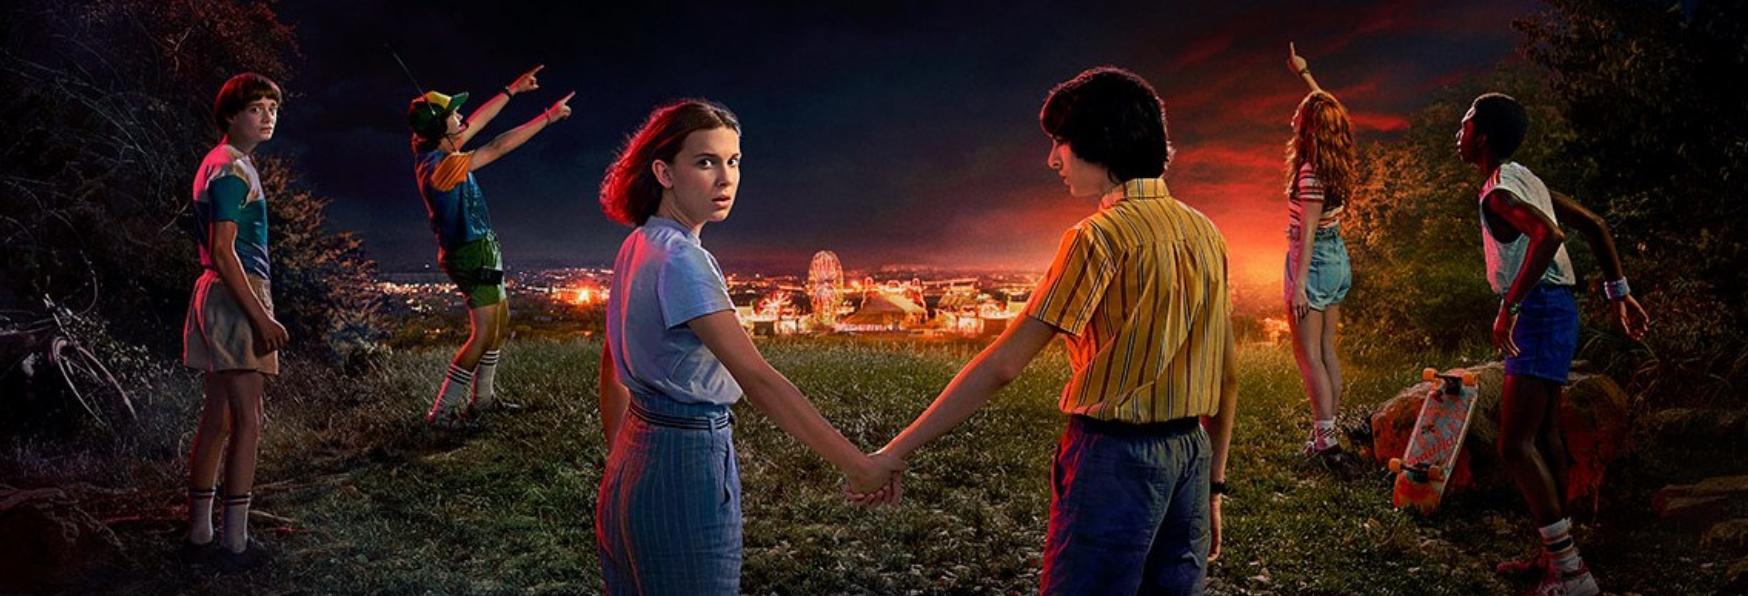 Stranger Things: svelata la Sinossi della Terza Stagione, presto su Netflix